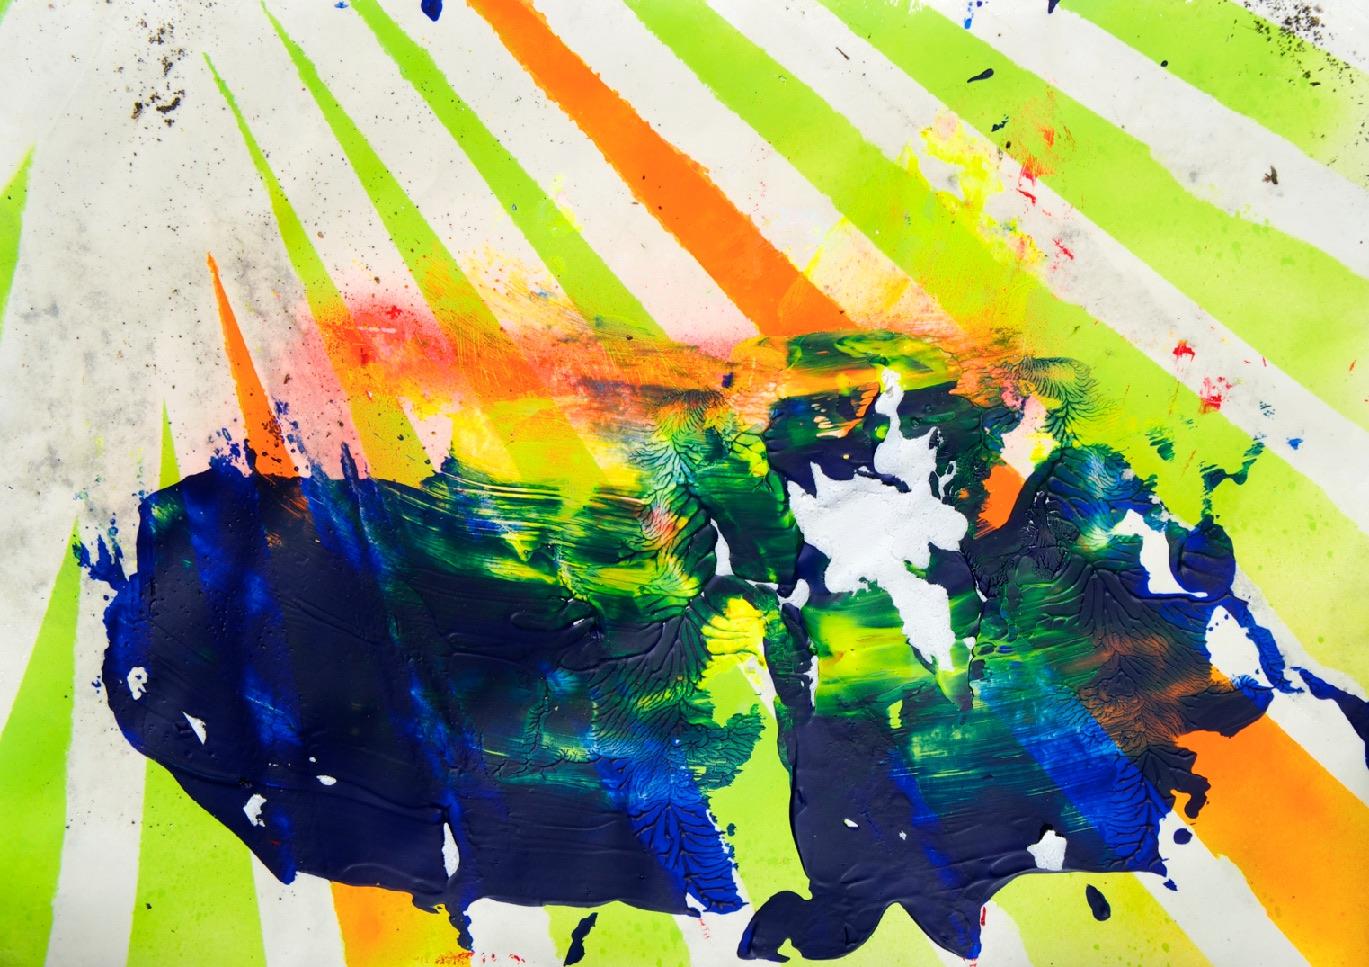 Sommer 2015 Theresa Kallrath KALLART Kunstakademie Düsseldorf 2015 ART Abstract ART Abstracte Kunst Modern Funky NEON LOVE PEACE 11